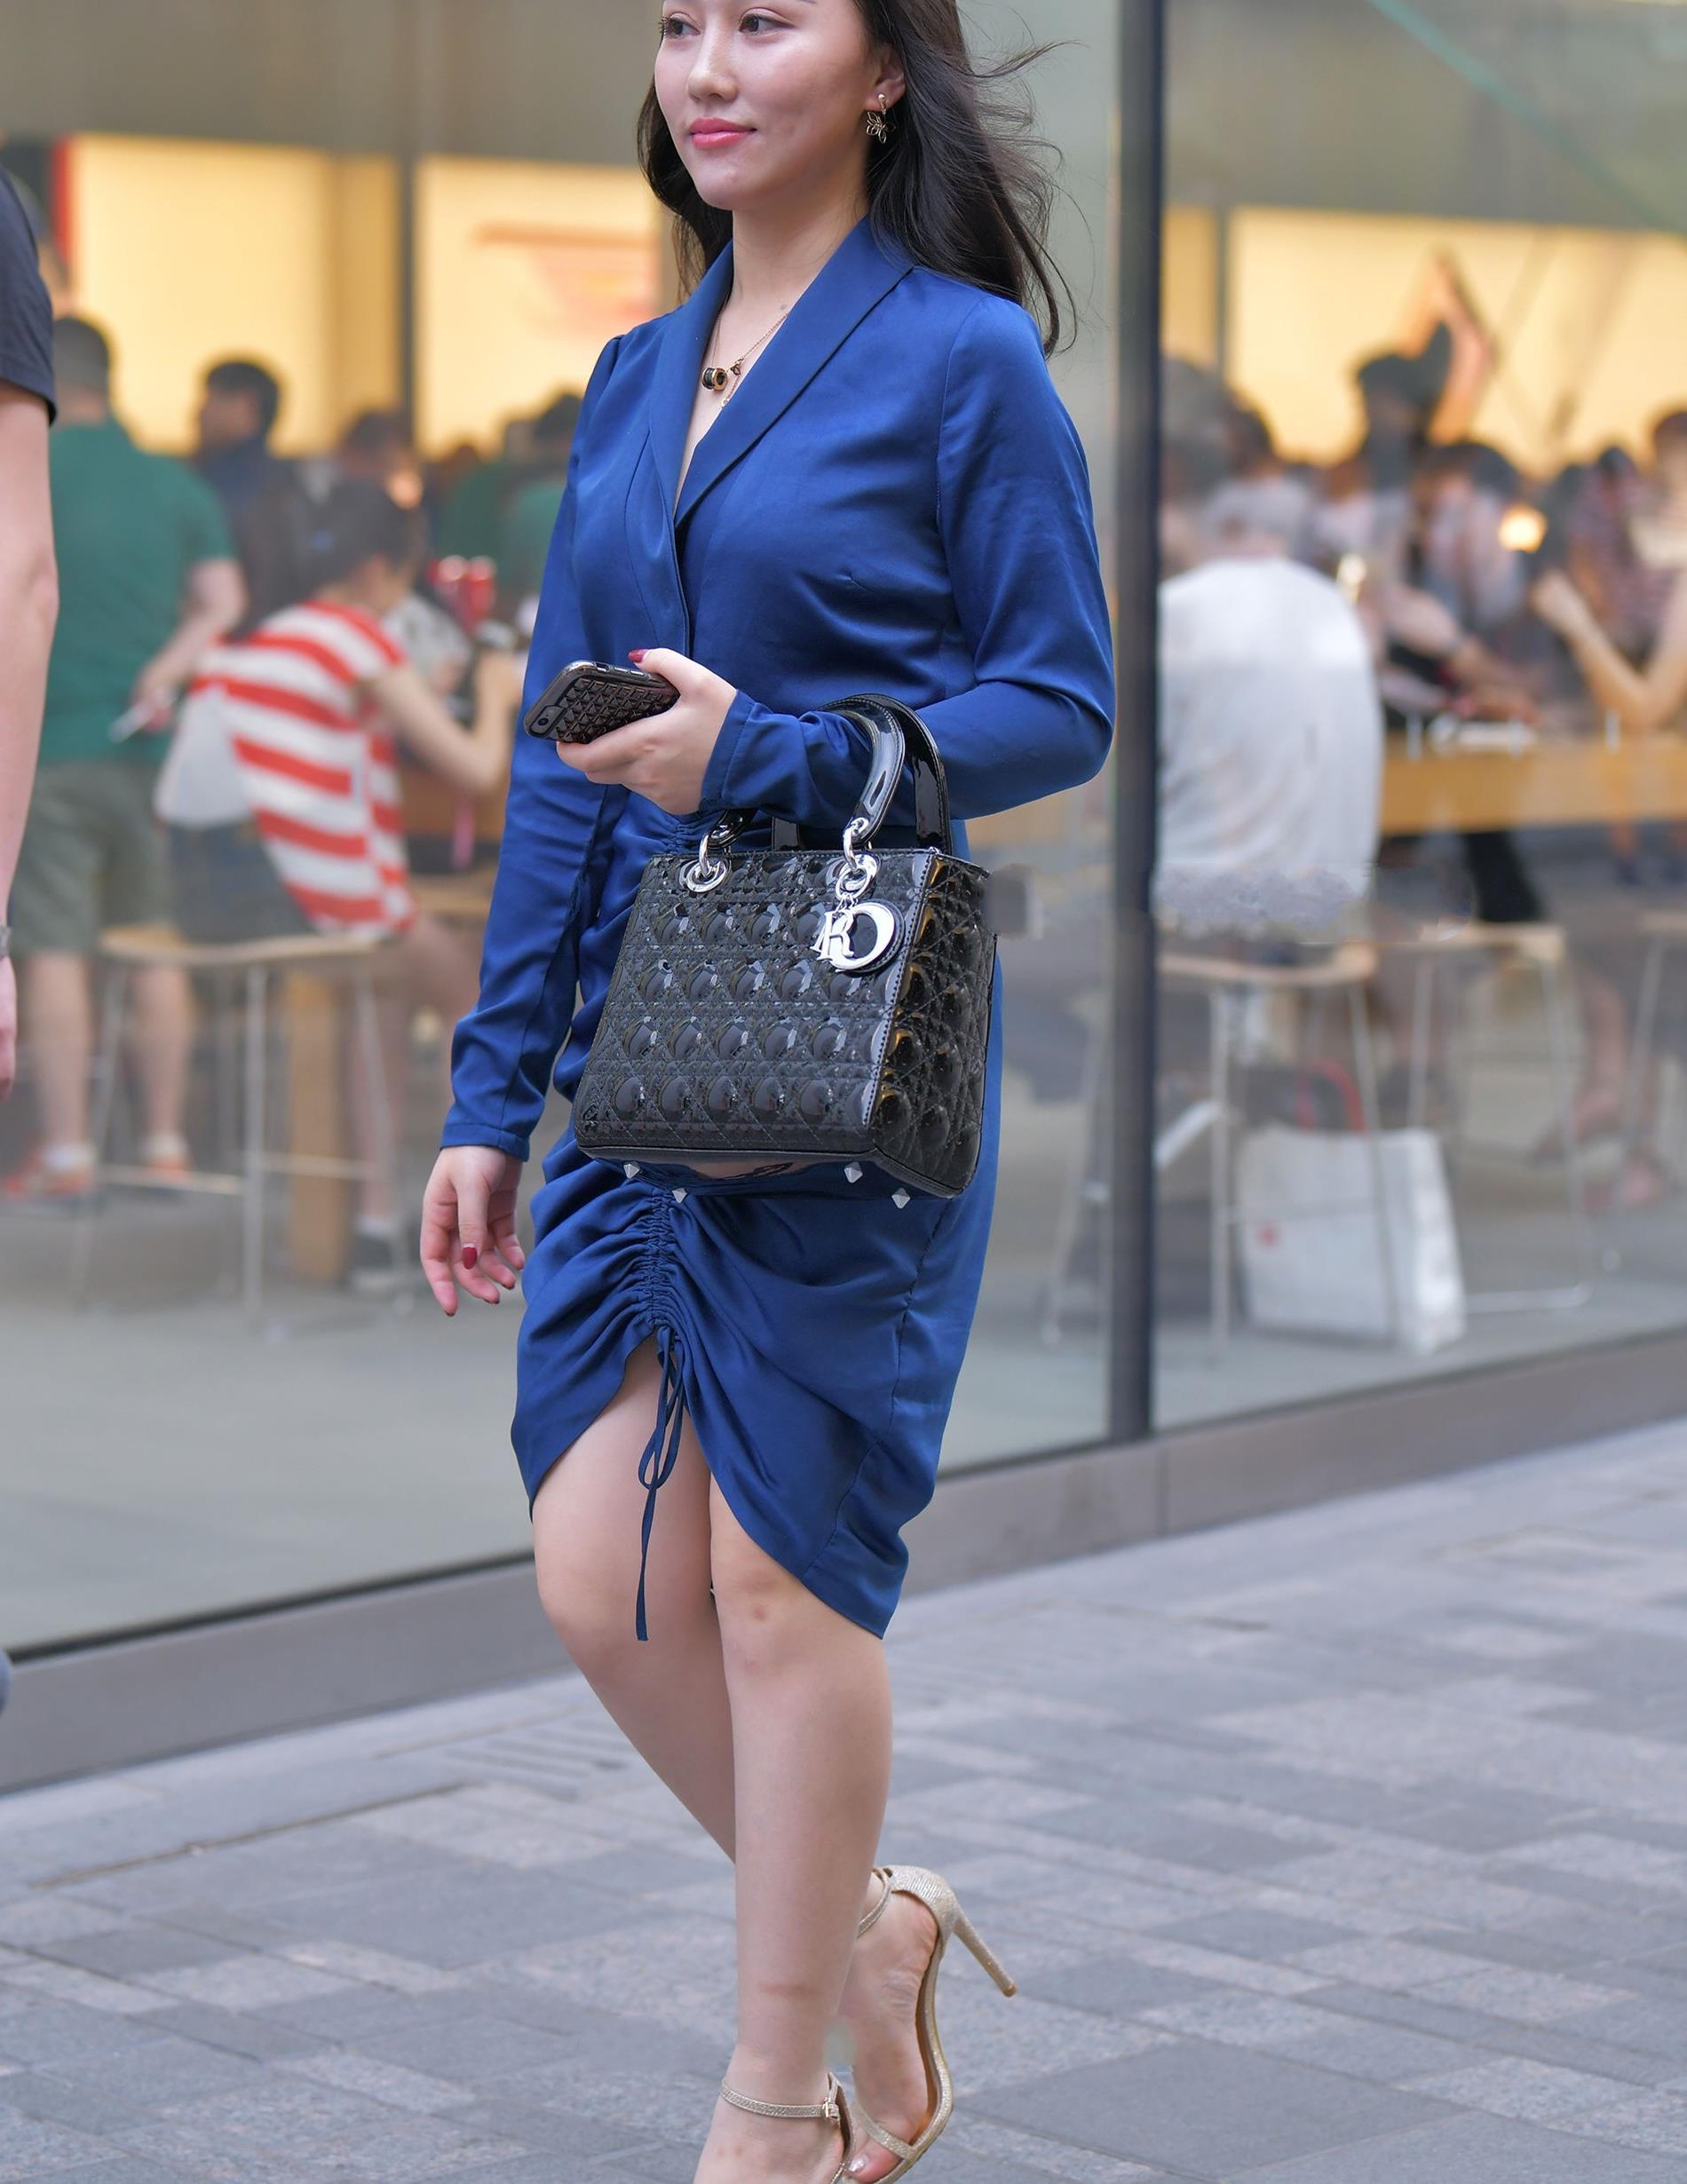 深蓝色真丝连衣裙,时尚大气,简洁干练